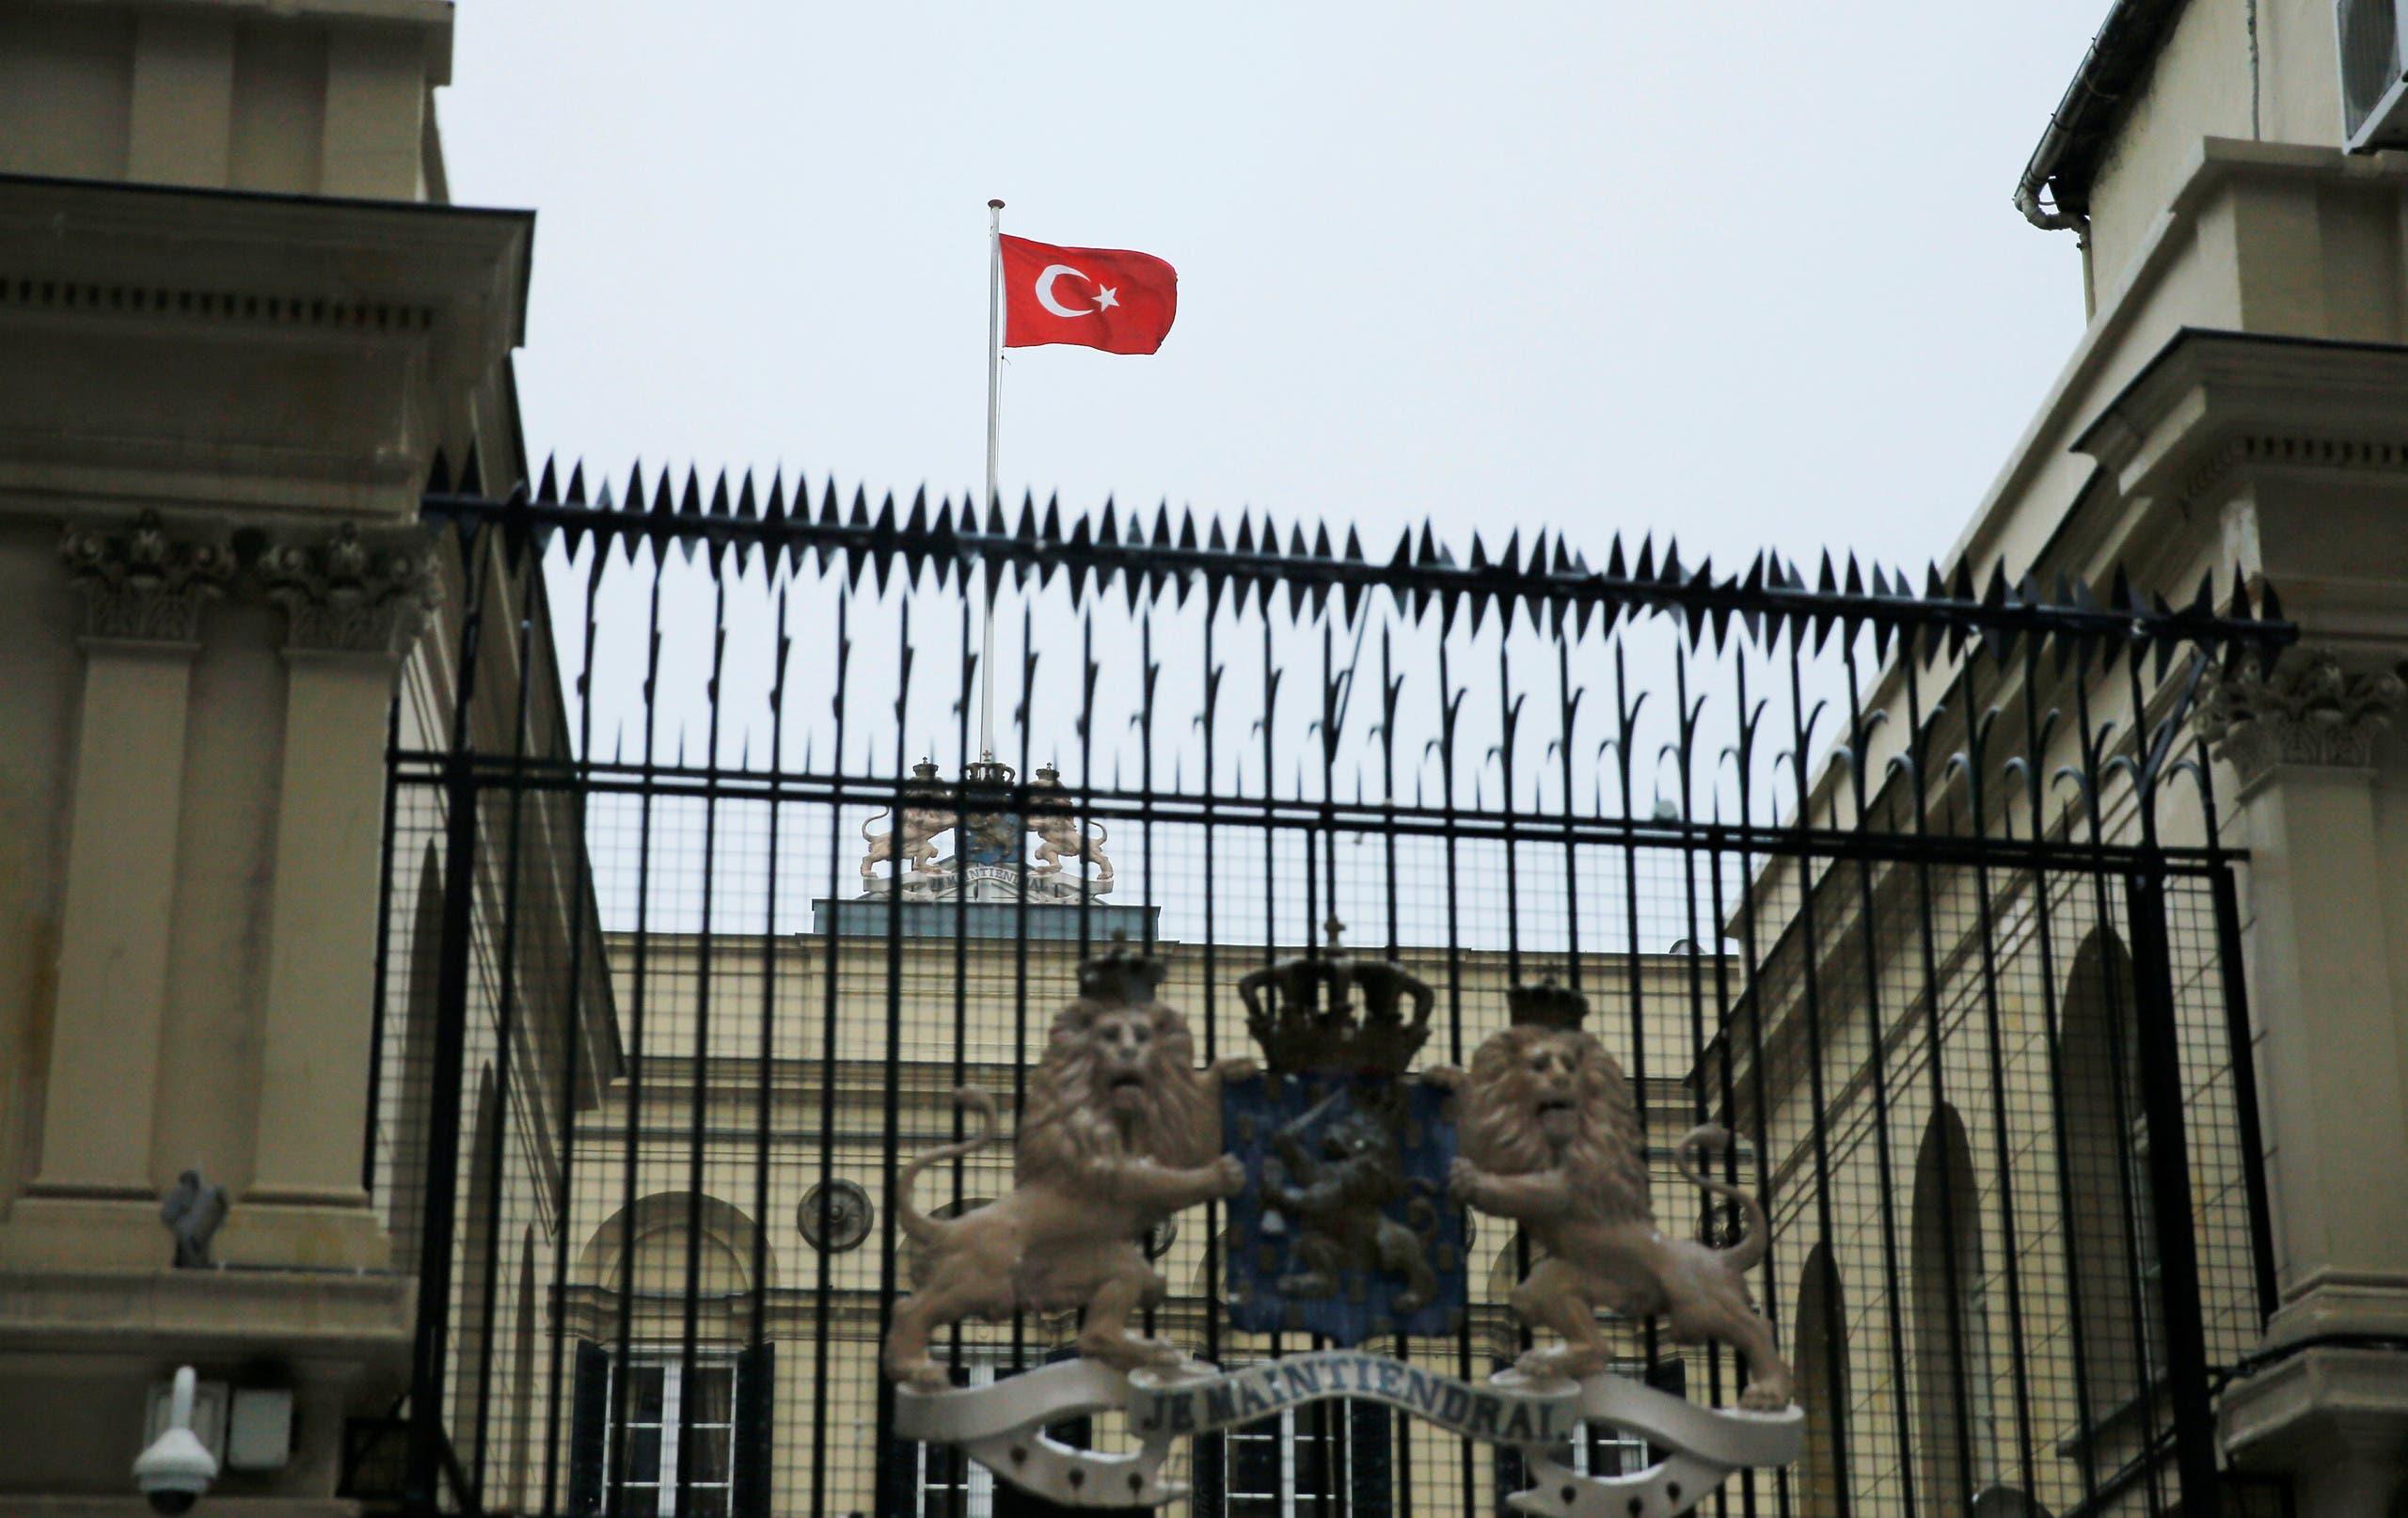 علم تركيا يرفرف على القنصلية الهولندية في اسطنبول